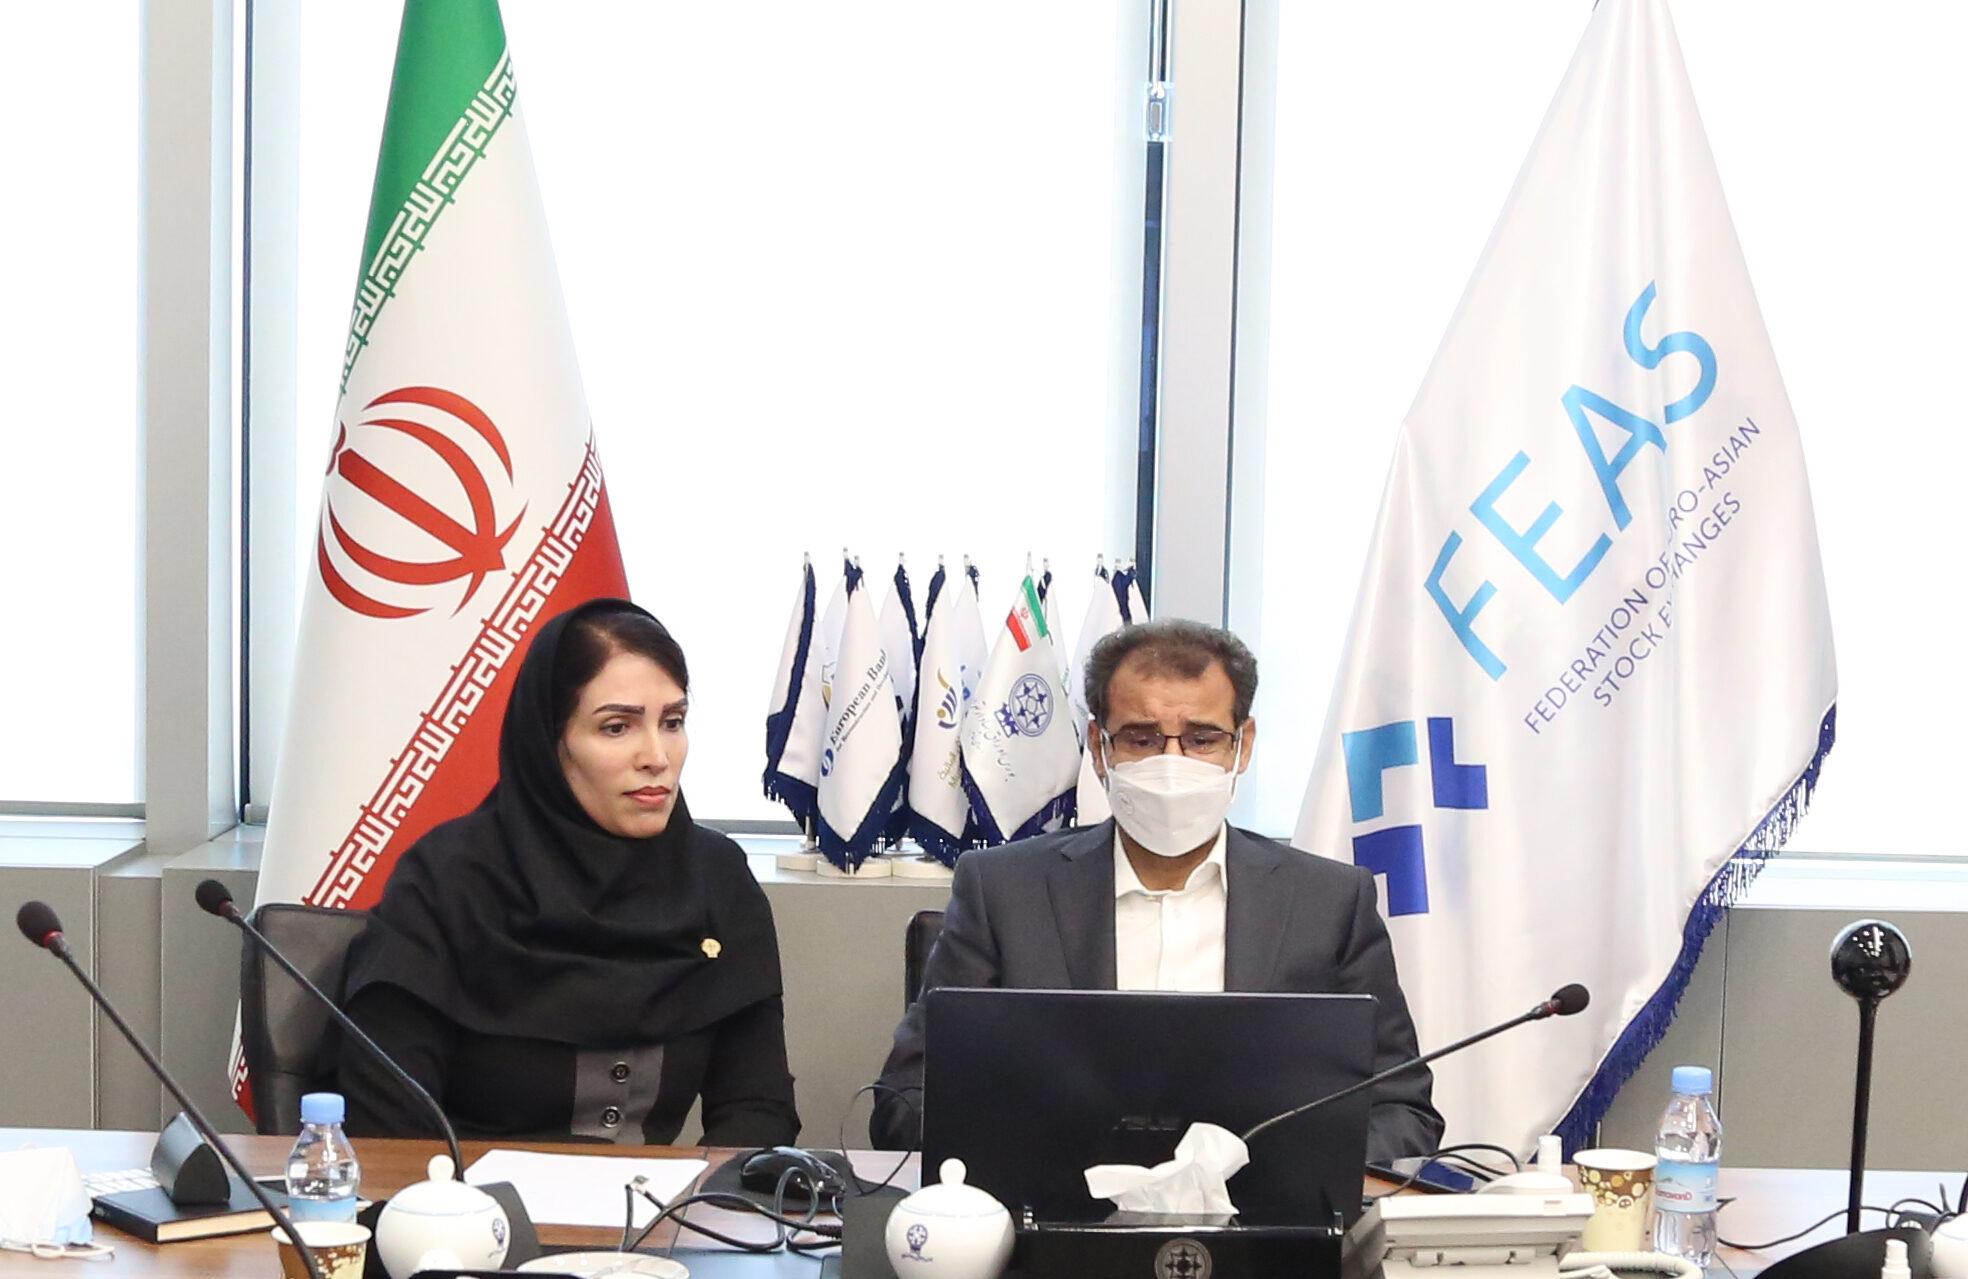 بورس اوراق بهادار تهران برای دو سال دیگر به عضویت هیئت مدیره فدراسیون بورسهای اروپا-آسیایی برگزیده شد